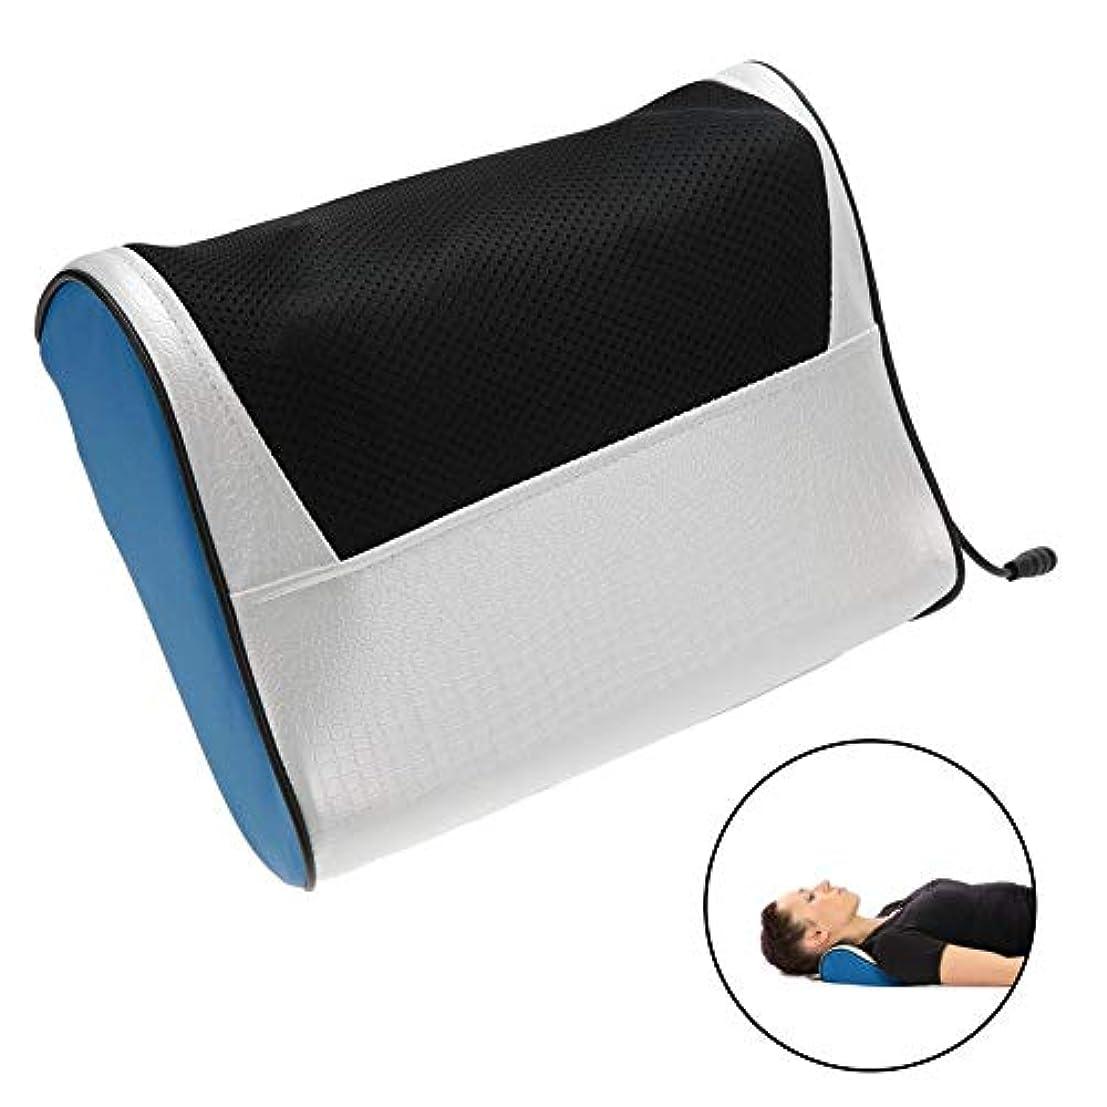 左音配置指圧枕マッサージ、多機能電動ネックショルダーボディマッサージ枕熱疲労緩和